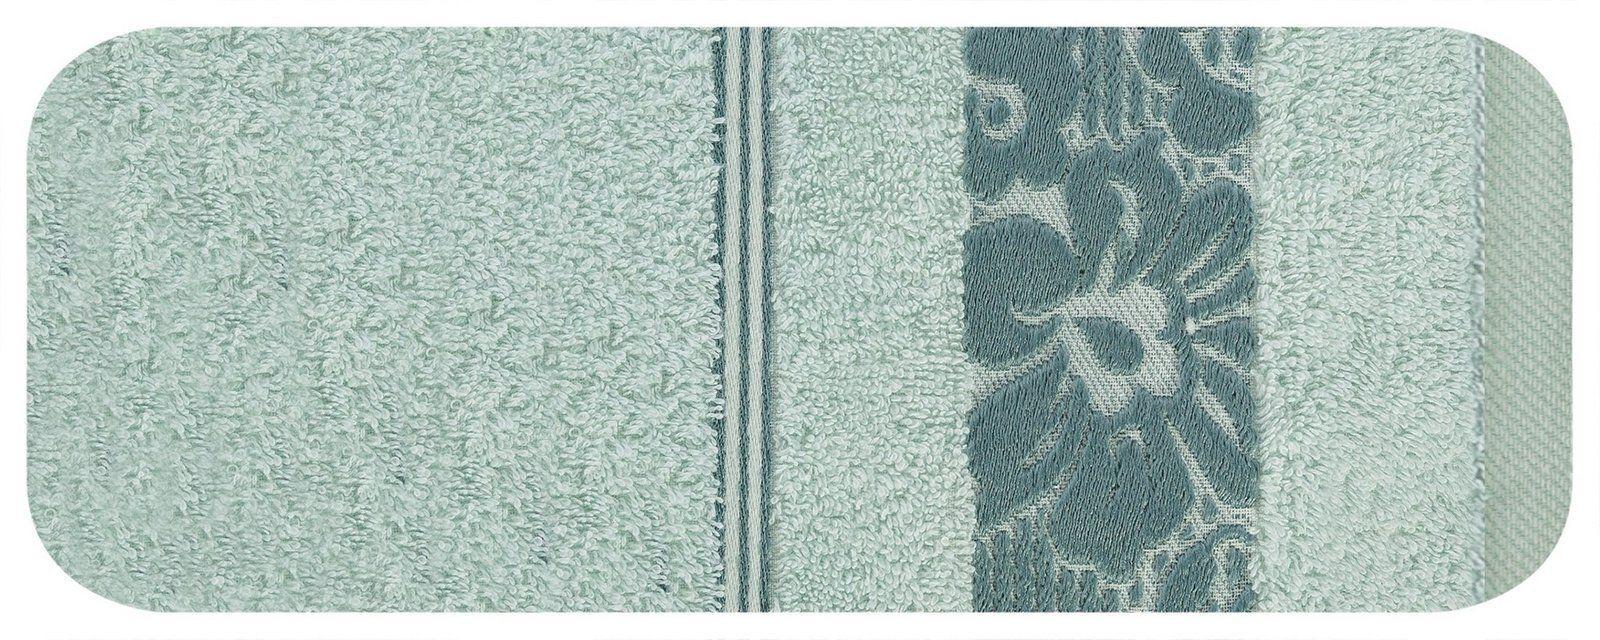 Ręcznik Kąpielowy Eurofirany Sylwia 08 500 g/m2 Błękitny 50x90